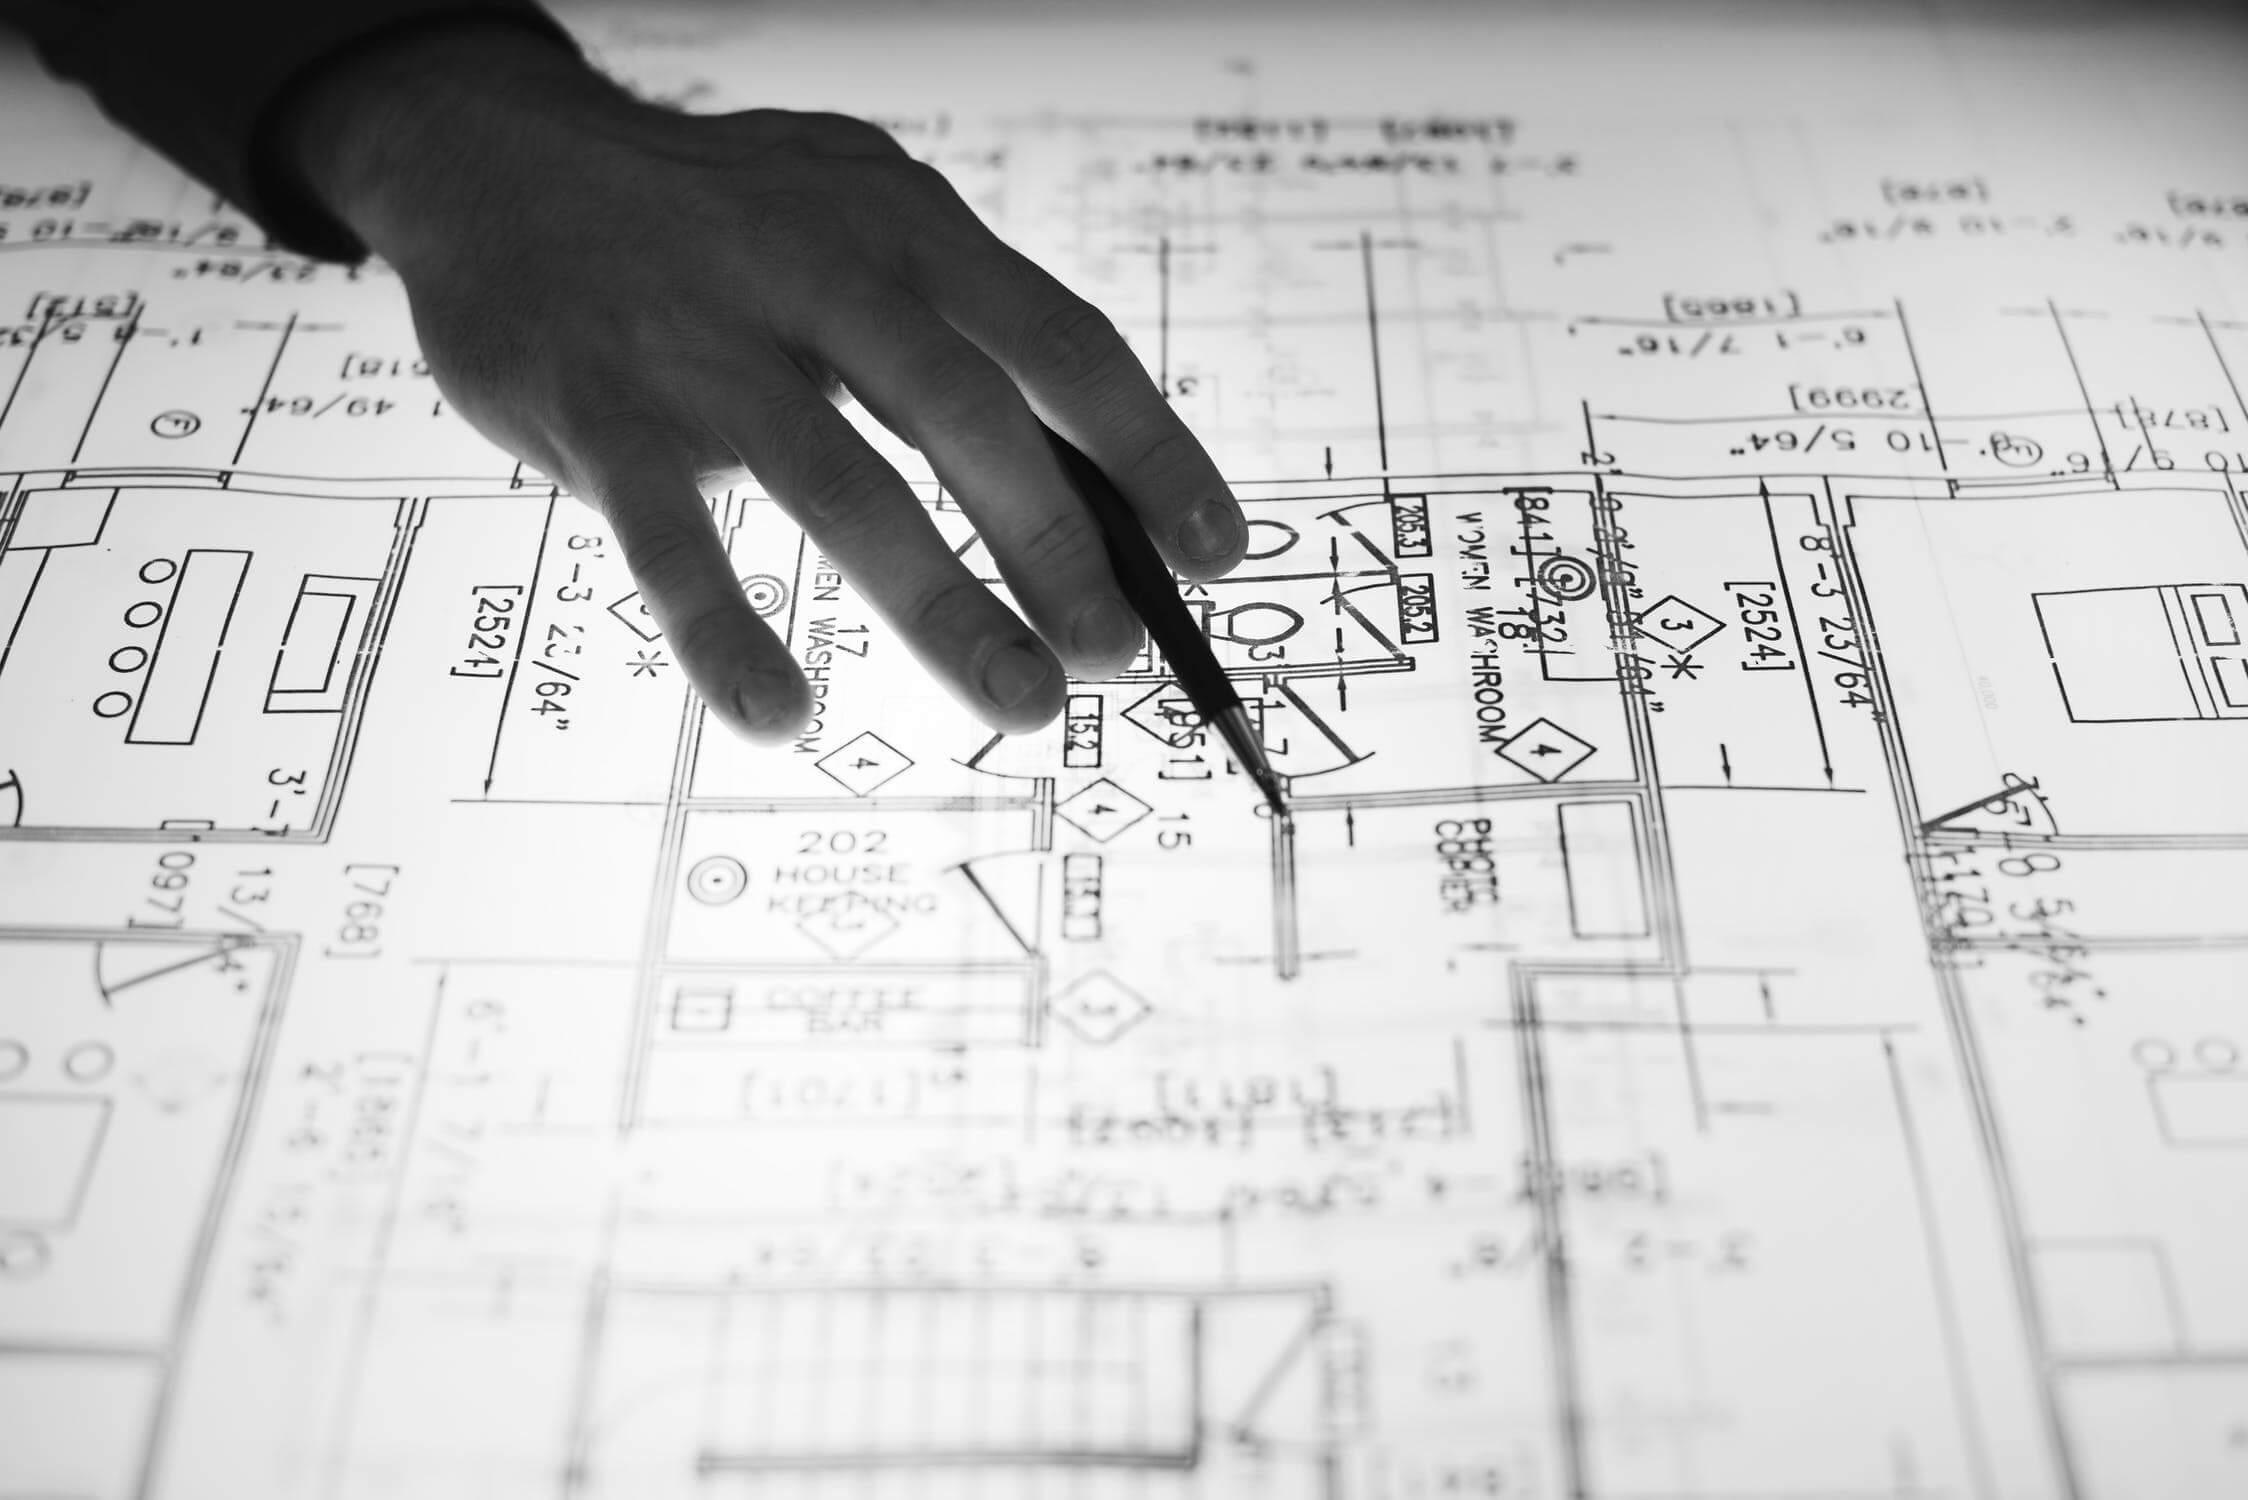 שכפול מסמכים ותכניות בנייה